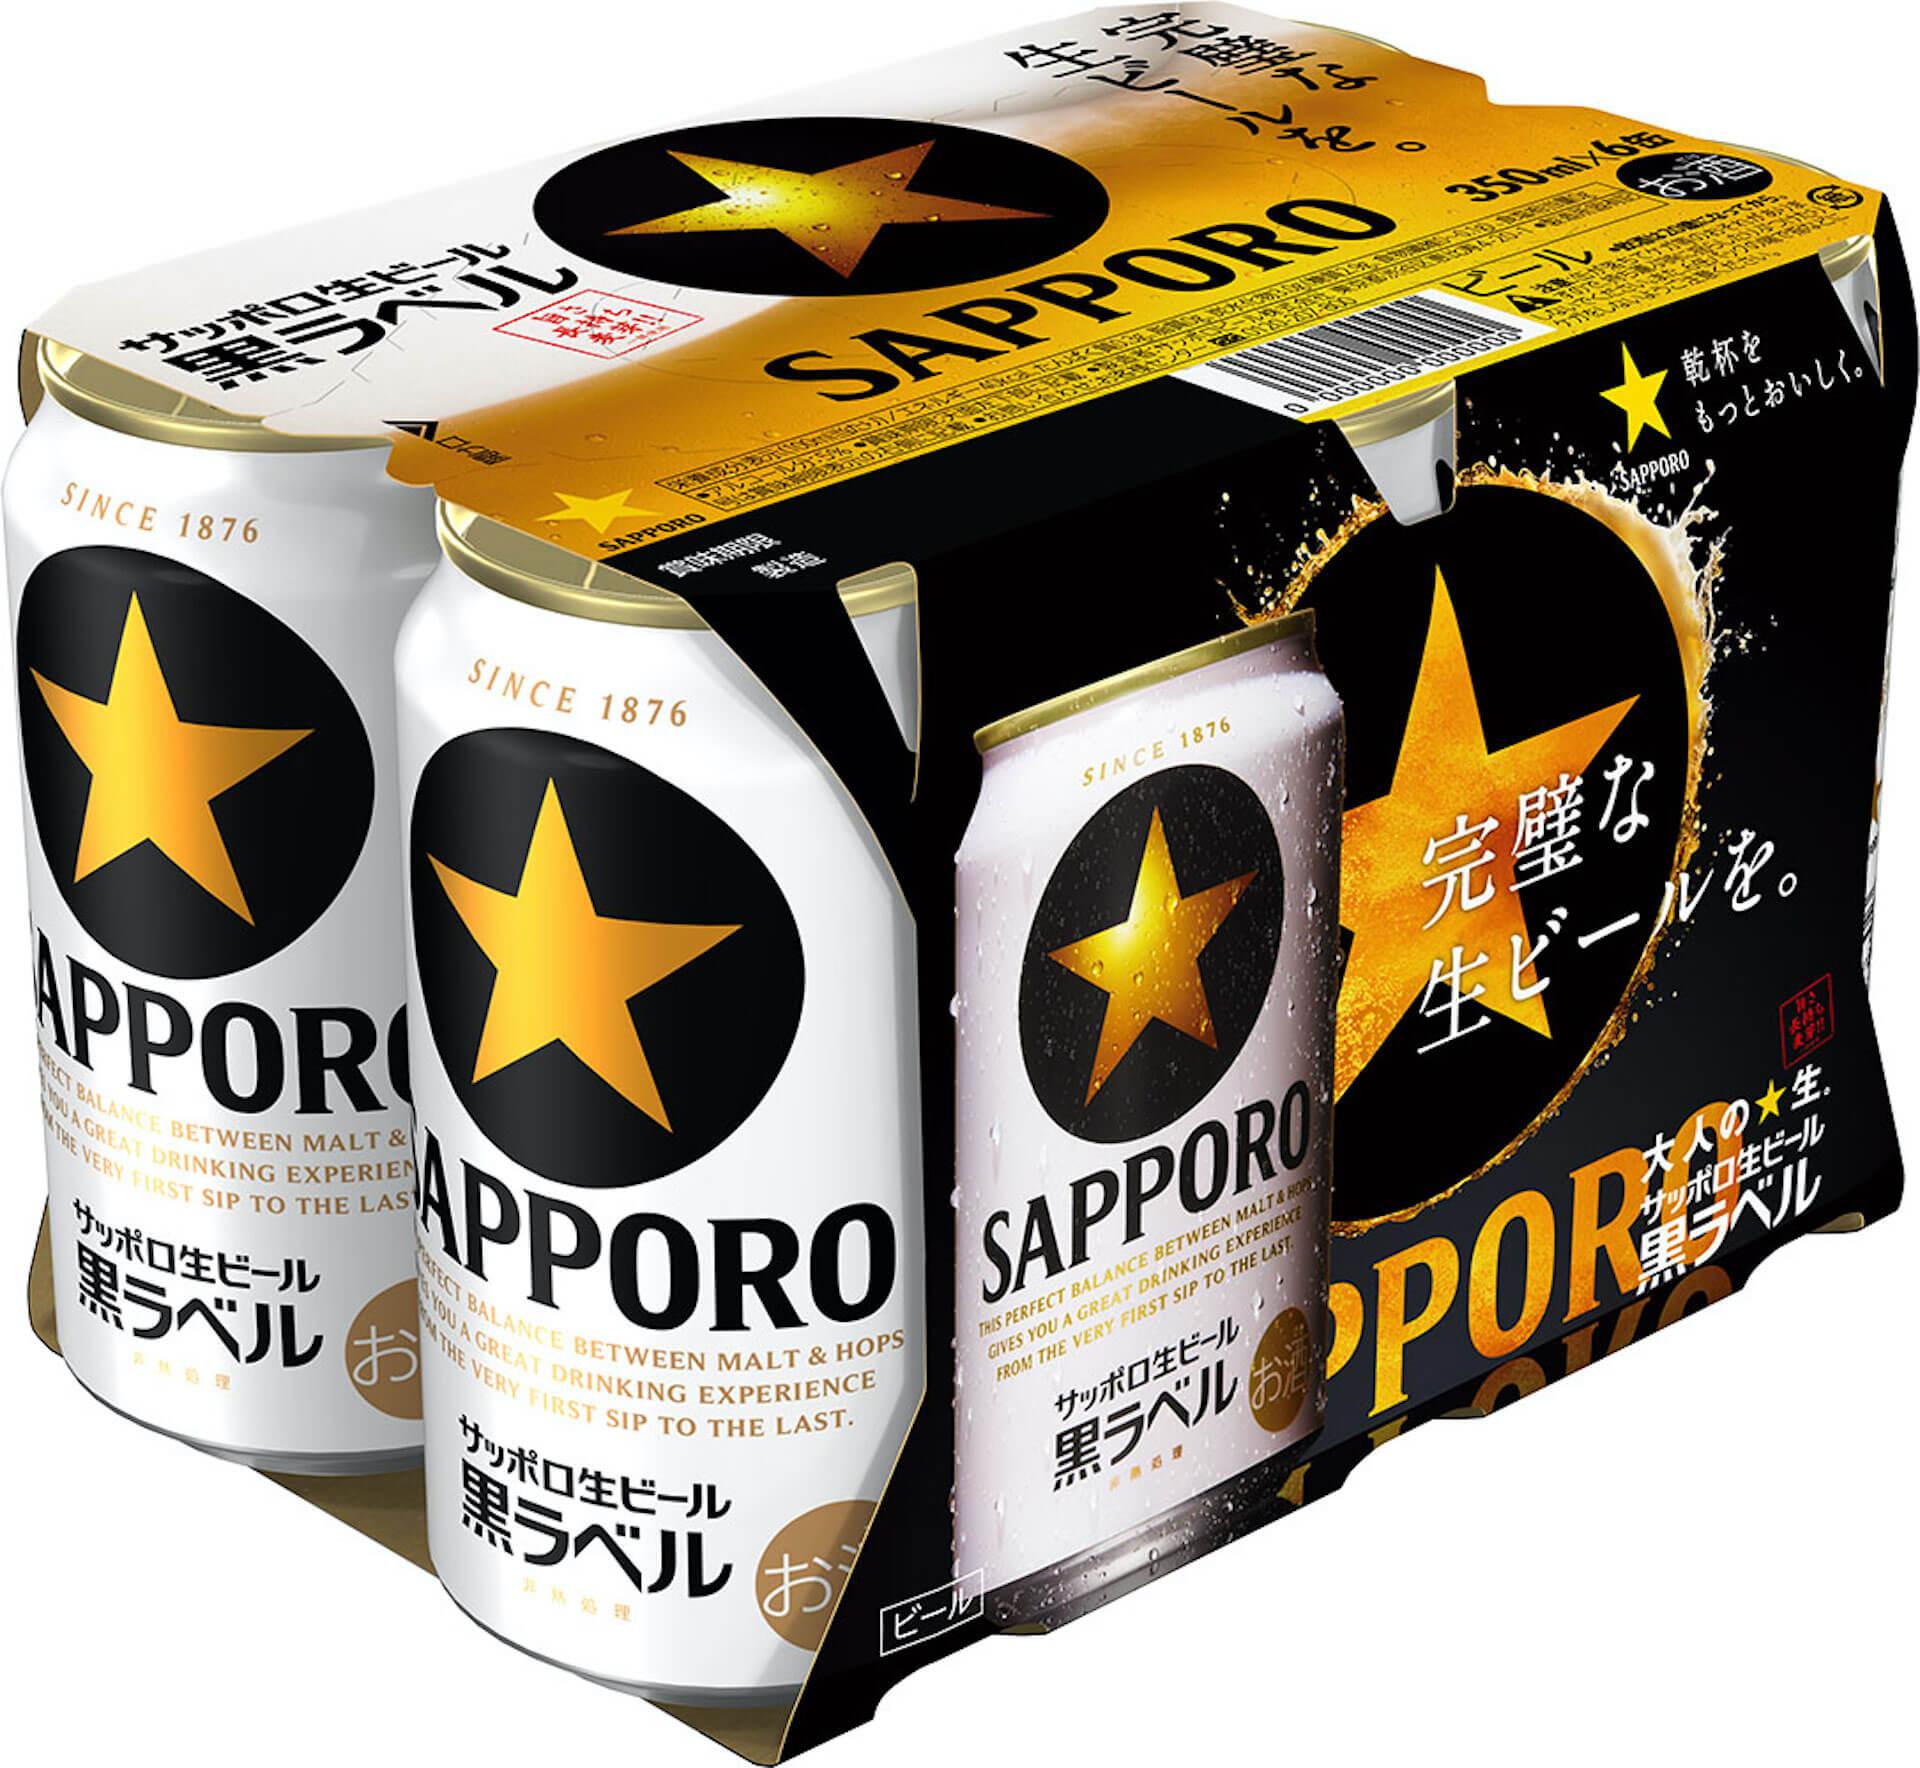 SIRUPのオリジナルコラボ曲が聴ける!?サッポロ生ビール黒ラベルのスマホゲーム登場&ワイヤレスイヤホンが当たるキャンペーンも gourmet200622_sapporobeer_sirup_07